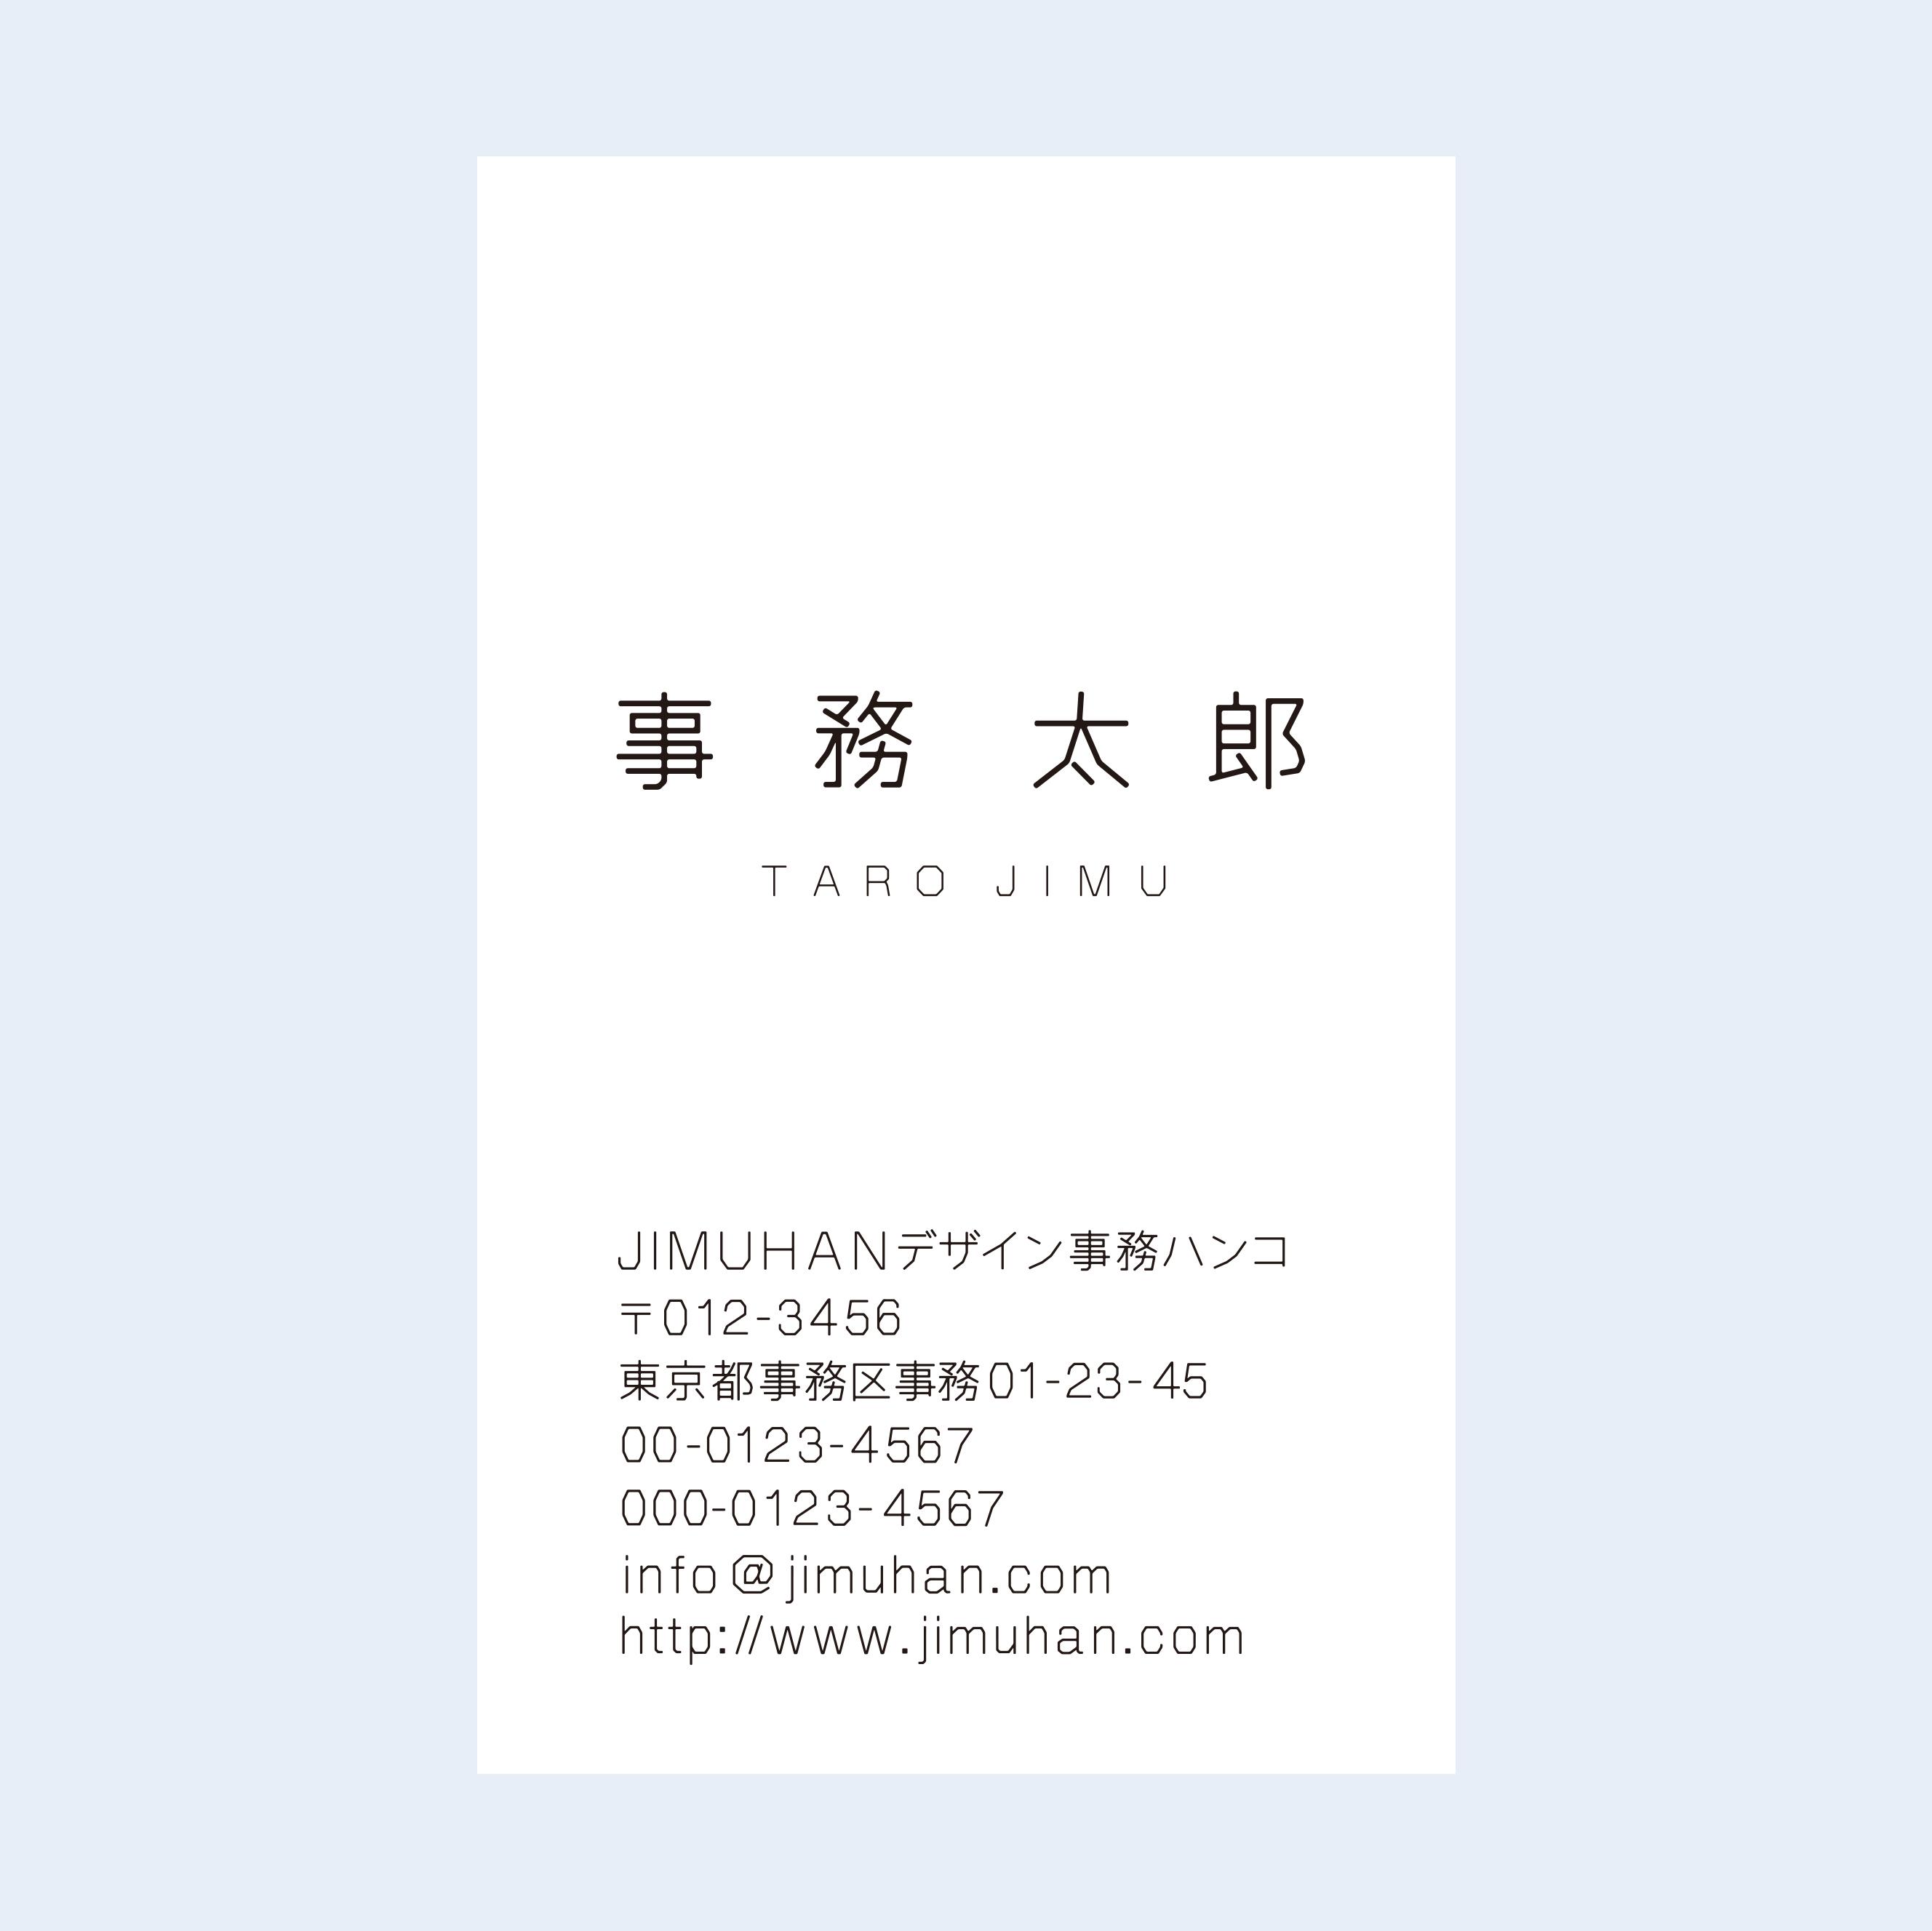 JIMUHAN名刺・オフセット印刷(100枚)